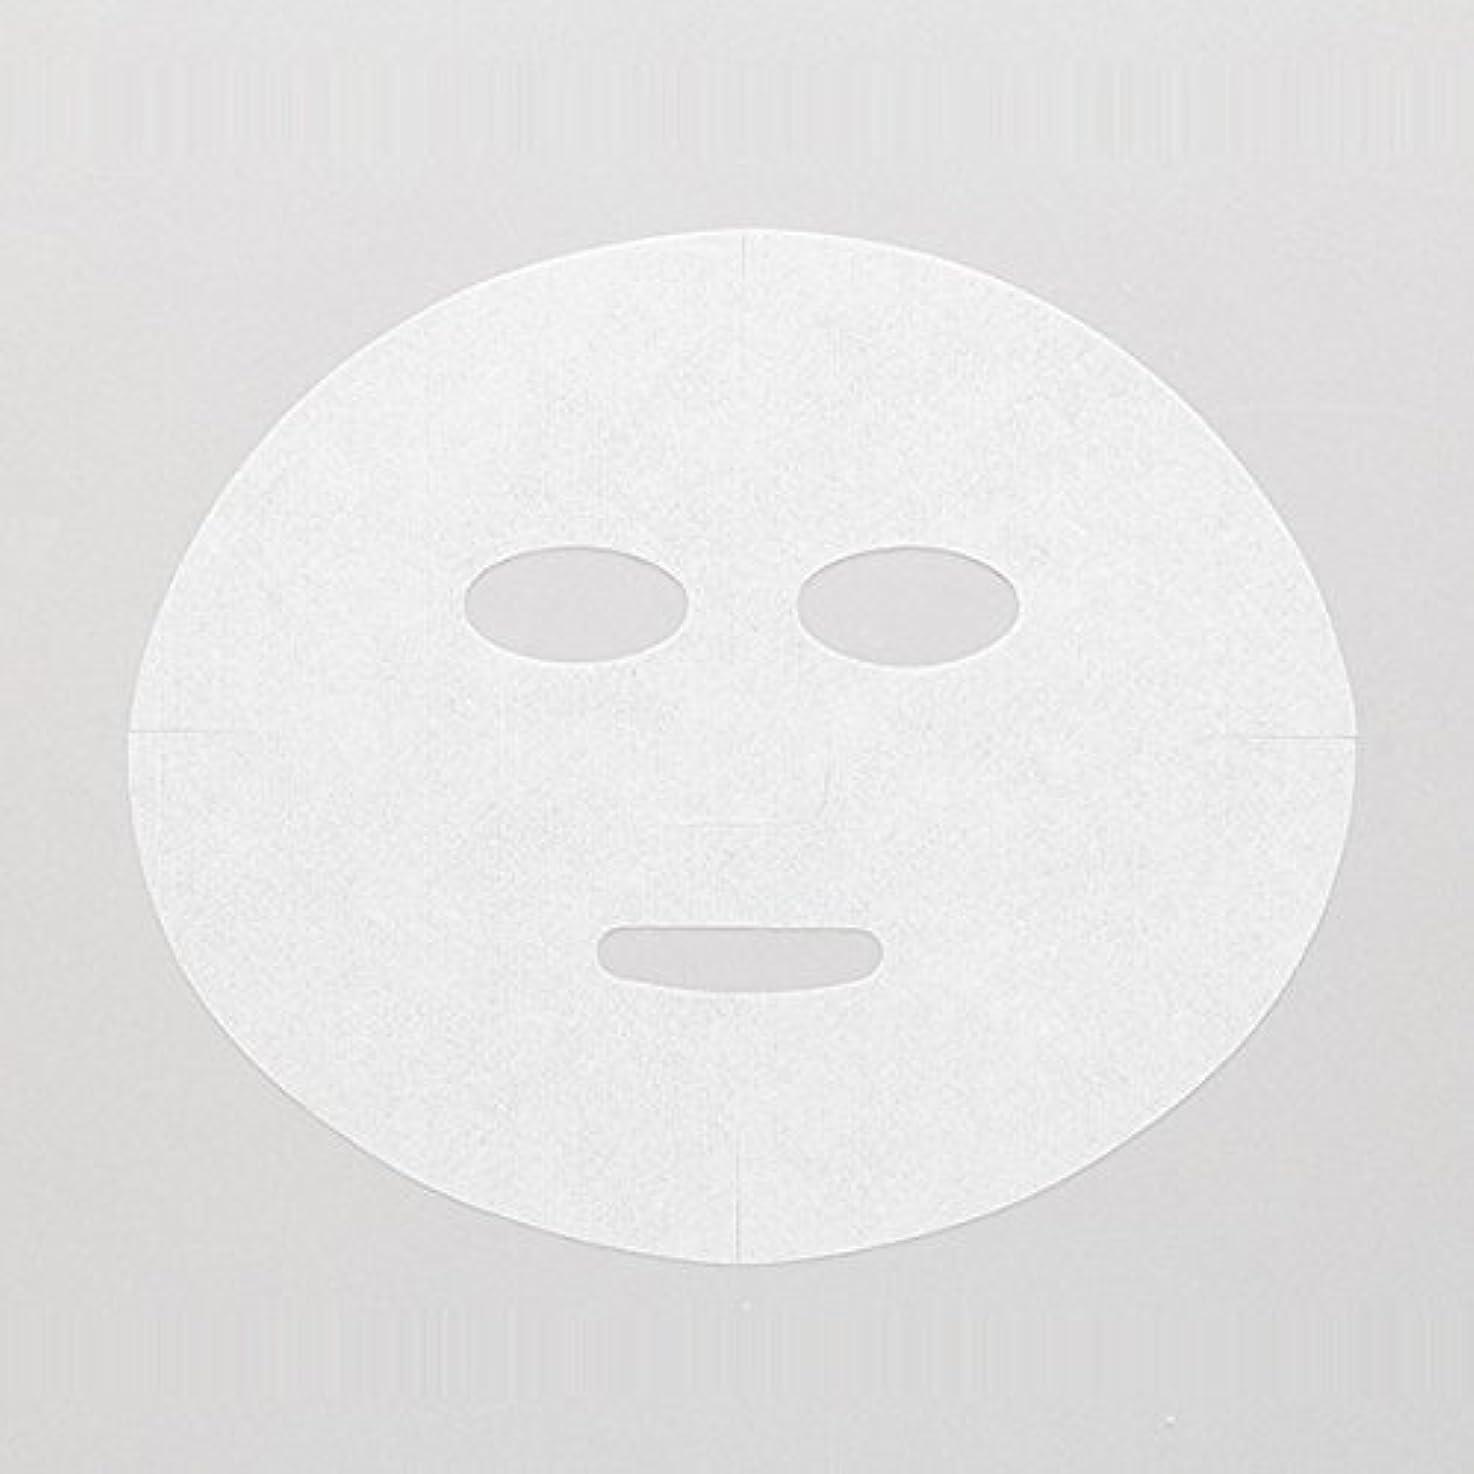 パールクラシック治世高保水 フェイシャルシート (マスクタイプ 化粧水無) 80枚 24×20cm [ フェイスマスク フェイスシート フェイスパック フェイシャルマスク シートマスク フェイシャルシート フェイシャルパック ローションマスク ローションパック ]